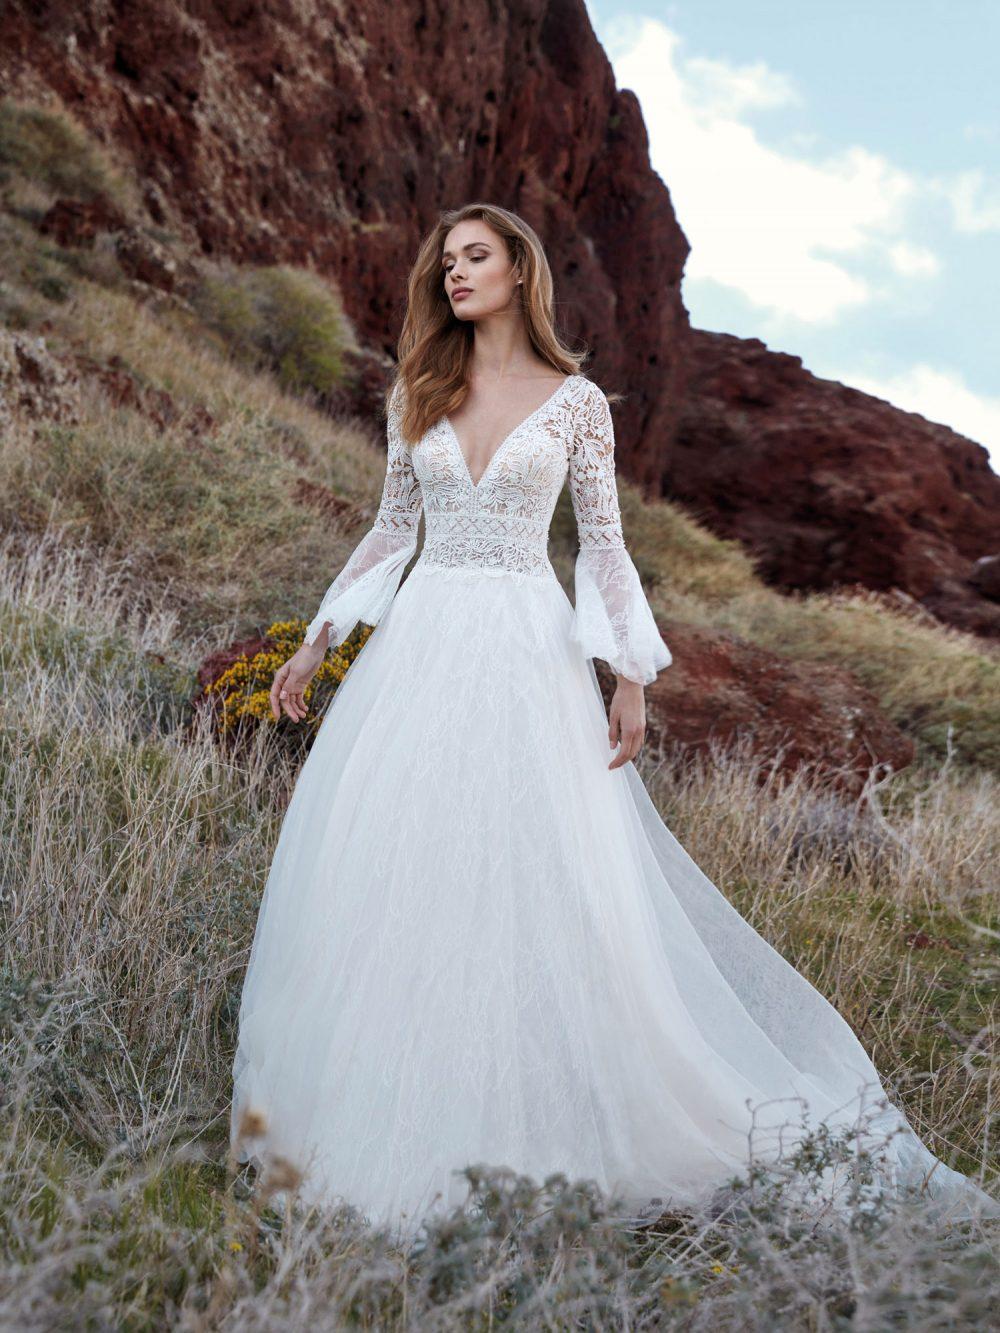 Nicole 2022 abito vestito sposa Vicenza ARMONIA